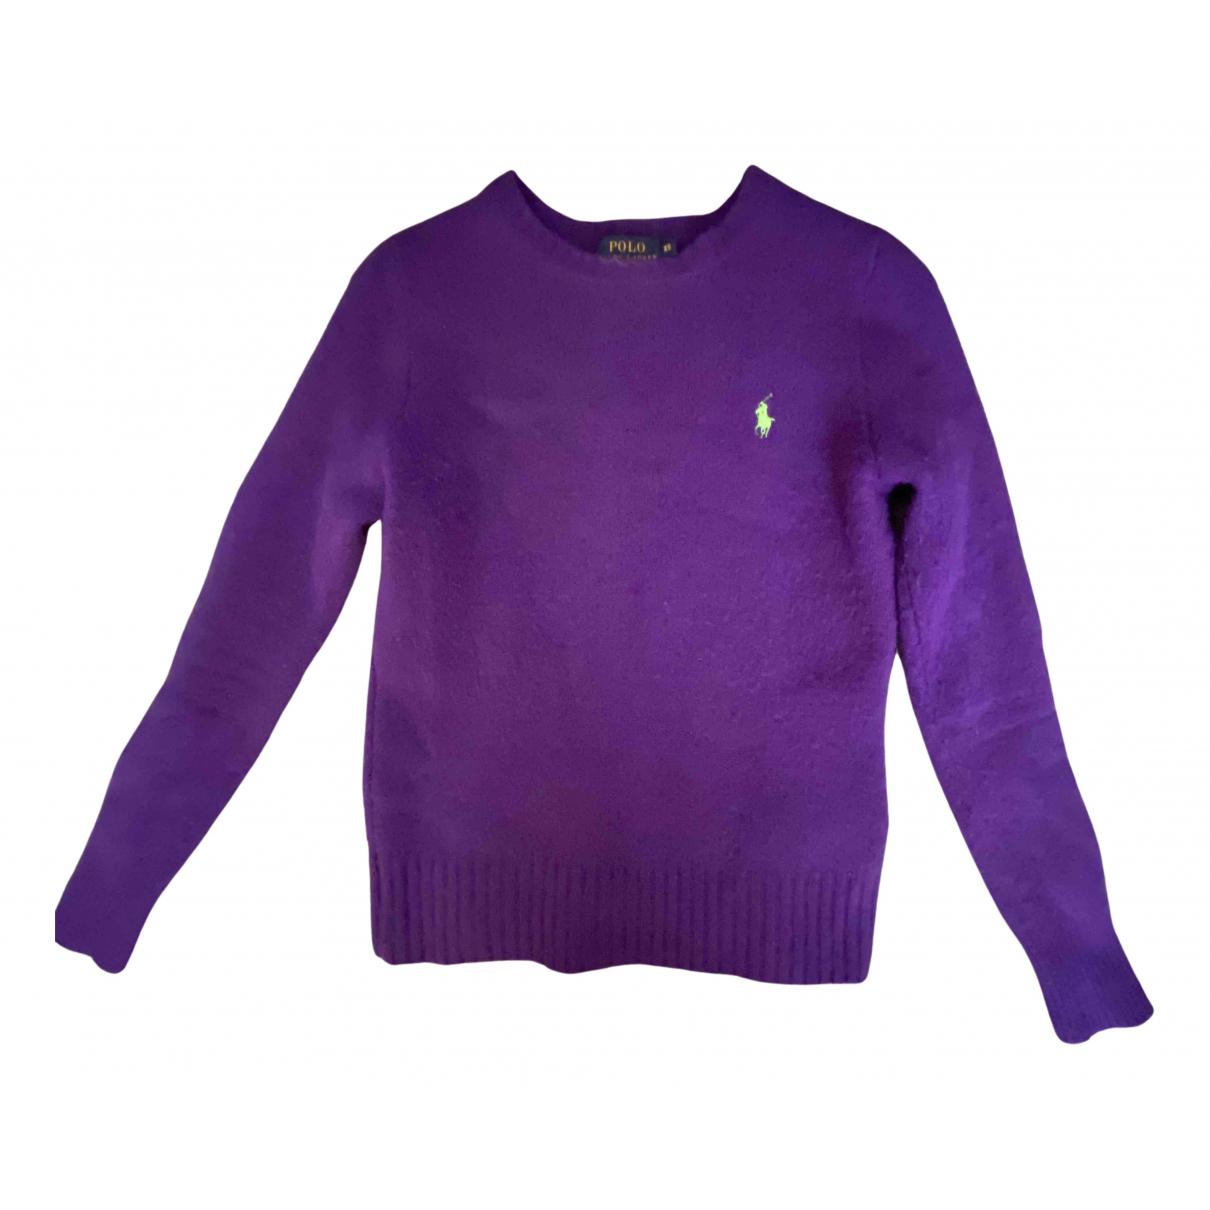 Polo Ralph Lauren N Purple Wool Knitwear for Women XS International